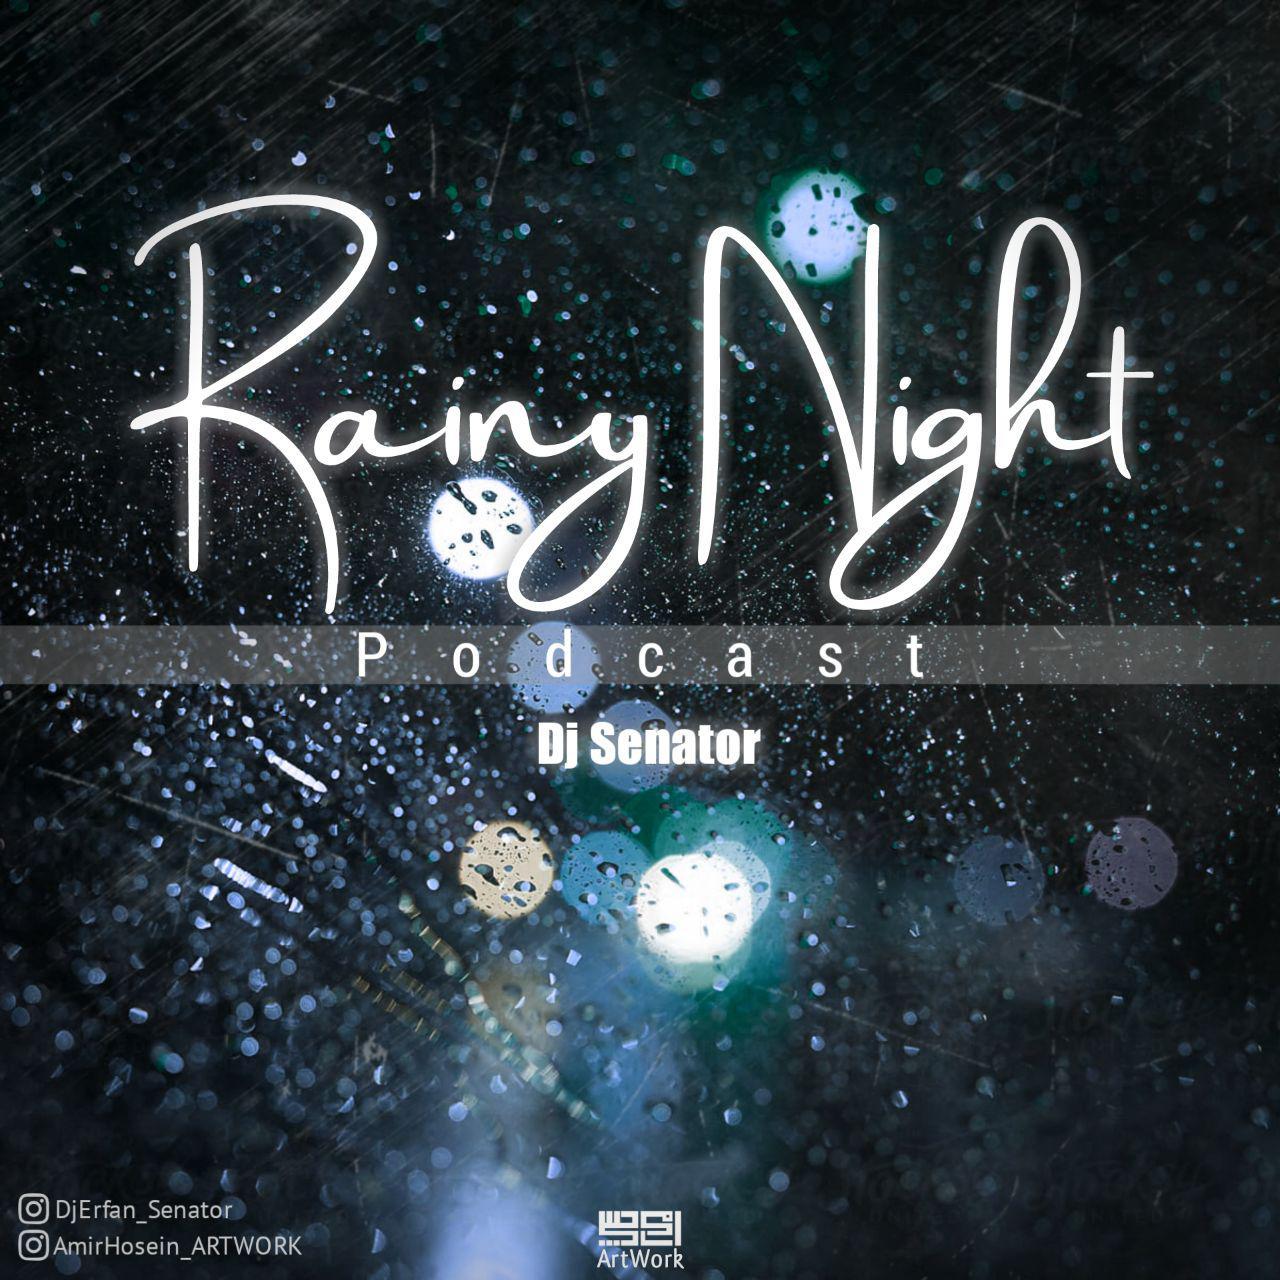 دانلود آهنگ جدید دیجی عرفان سناتور سری چهارم Rainy Night